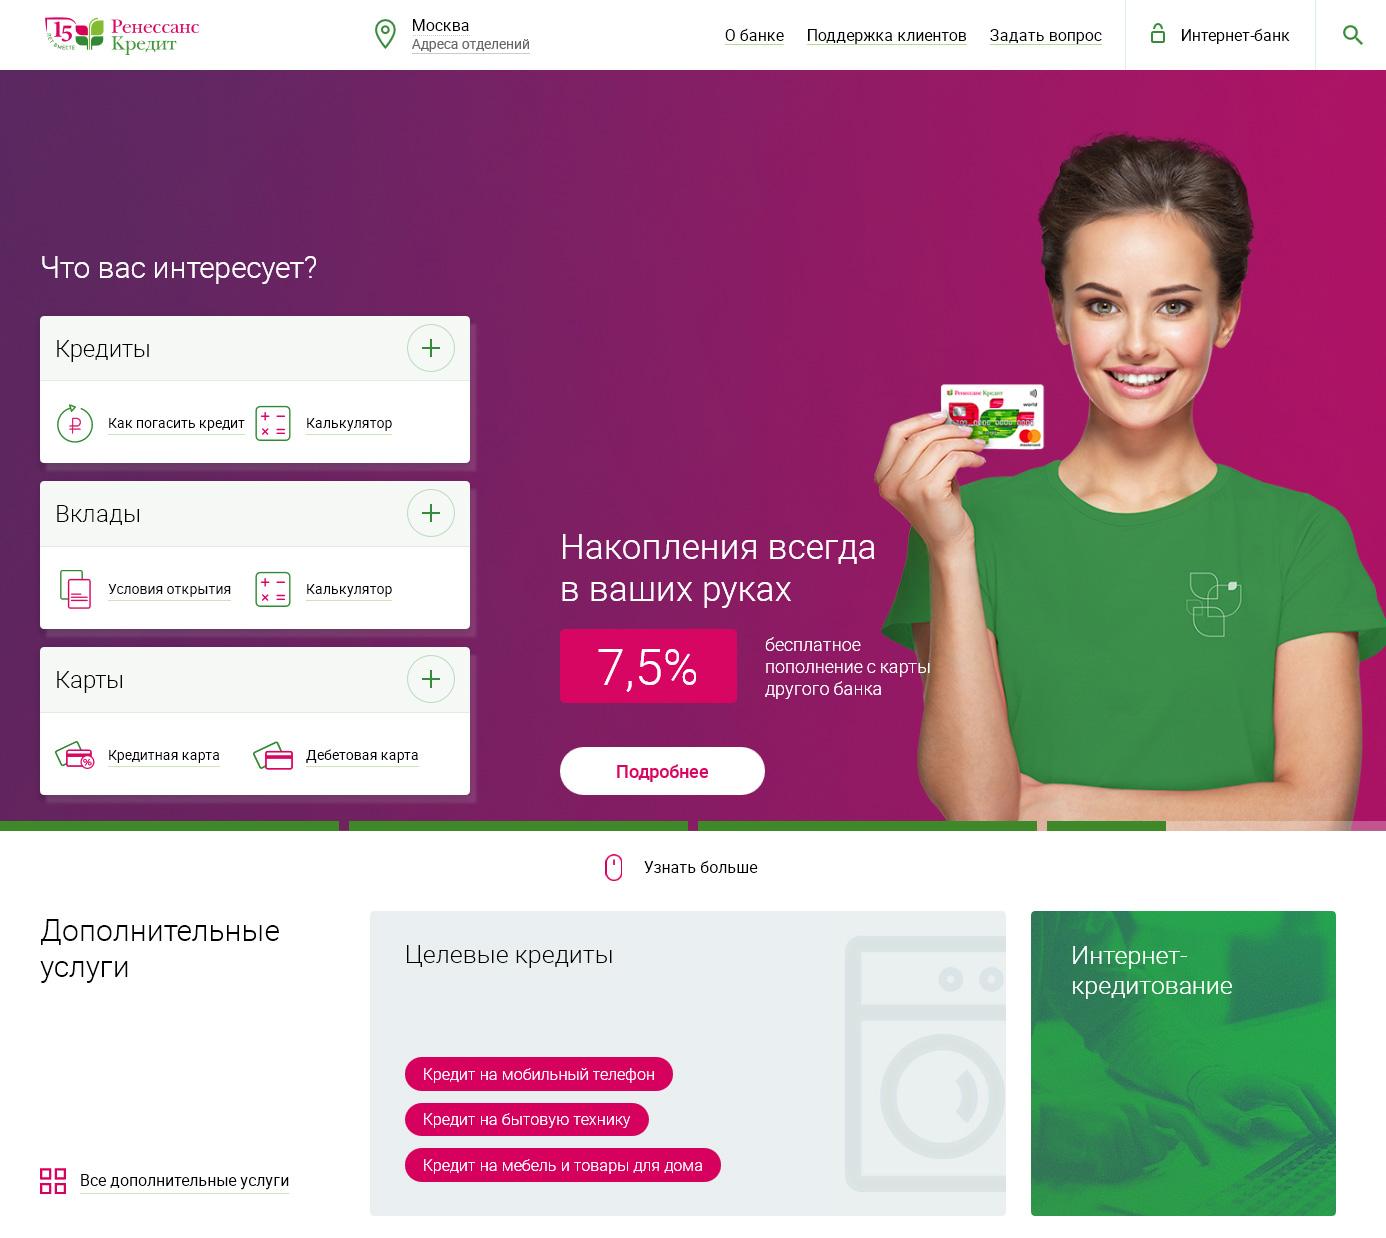 Официальный сайт Ренессанс Кредит Банка